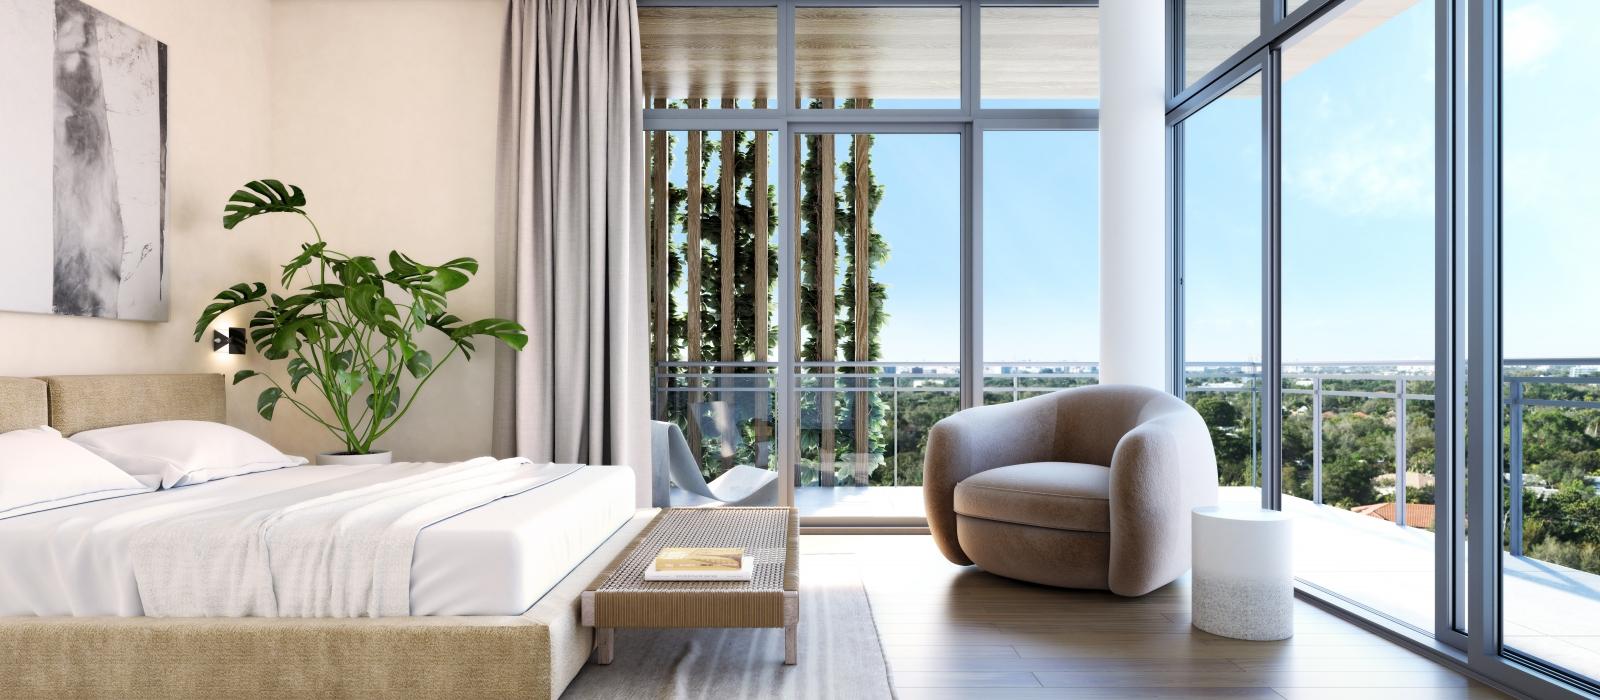 20170307 Arbor Bedroom Smaller